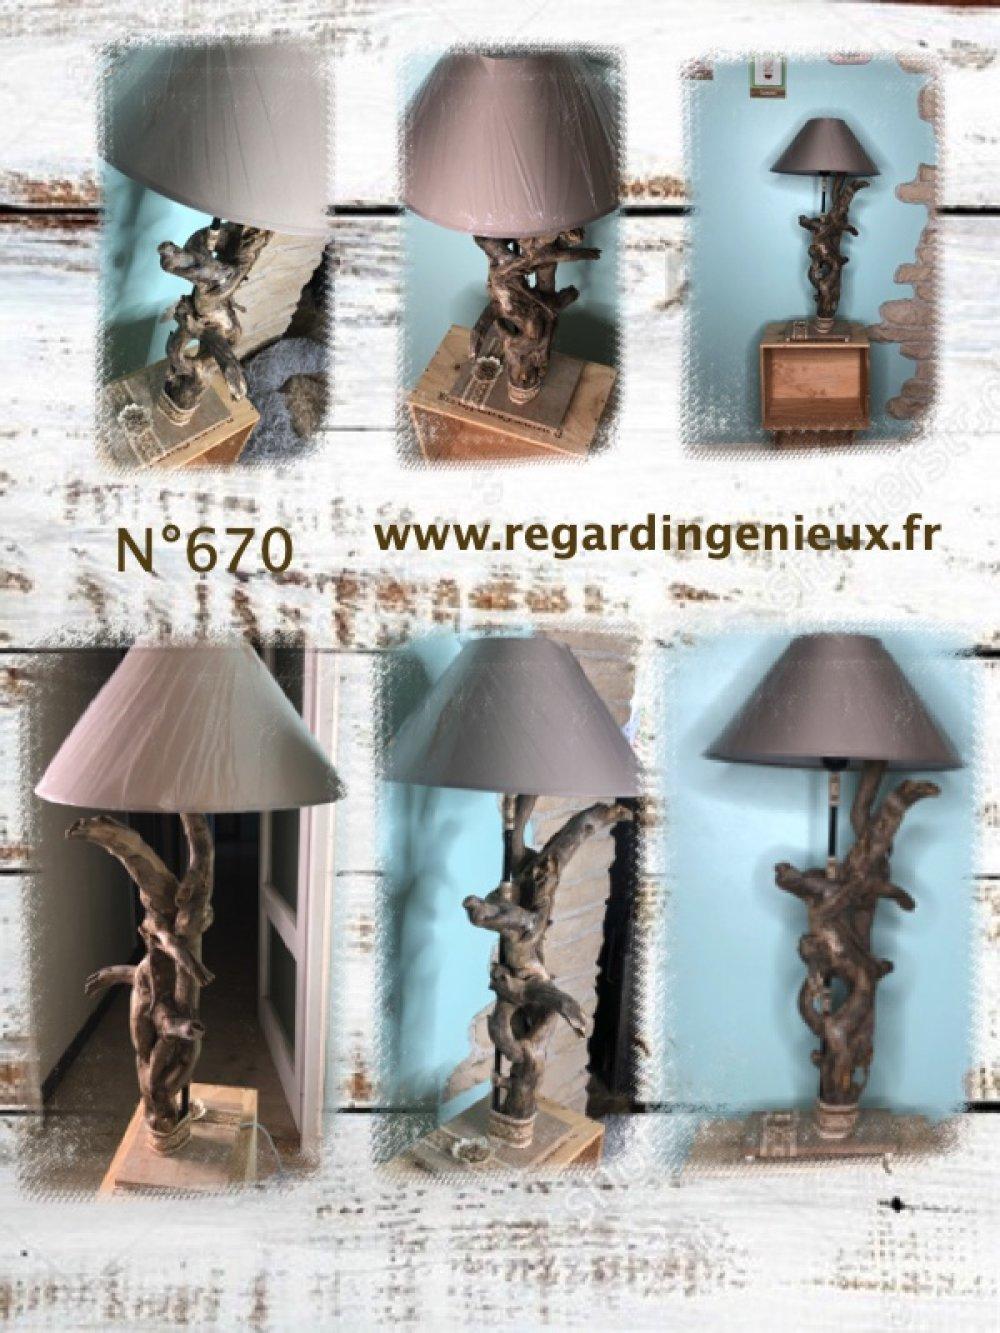 Lampe n°670 en bois flotte. Fabrication artisanale.